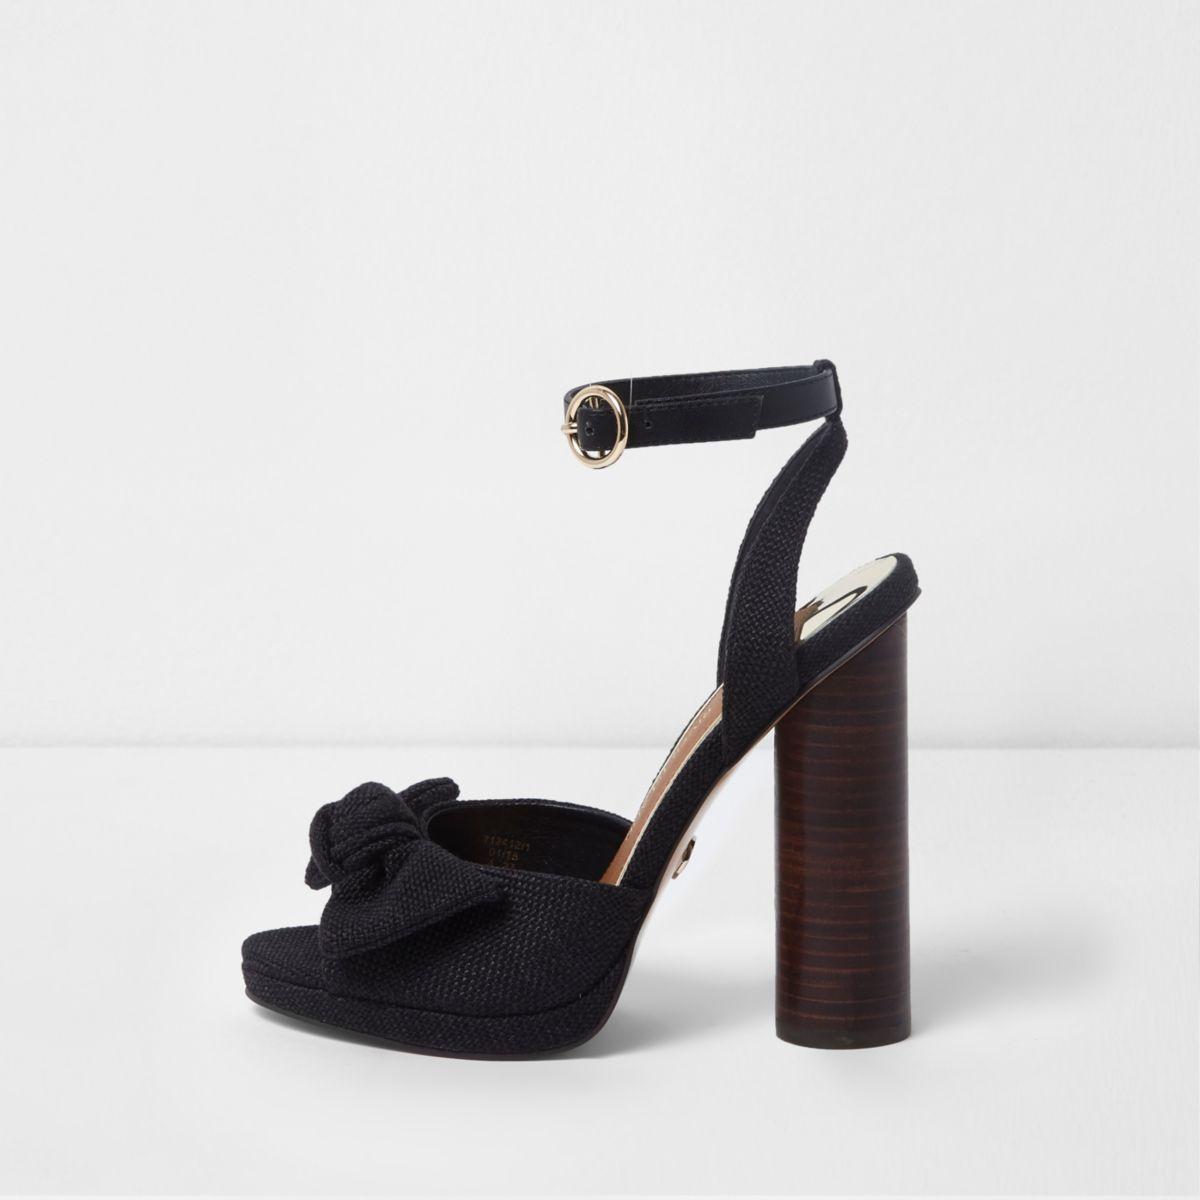 Zwarte sandalen met blokhak en strik voor